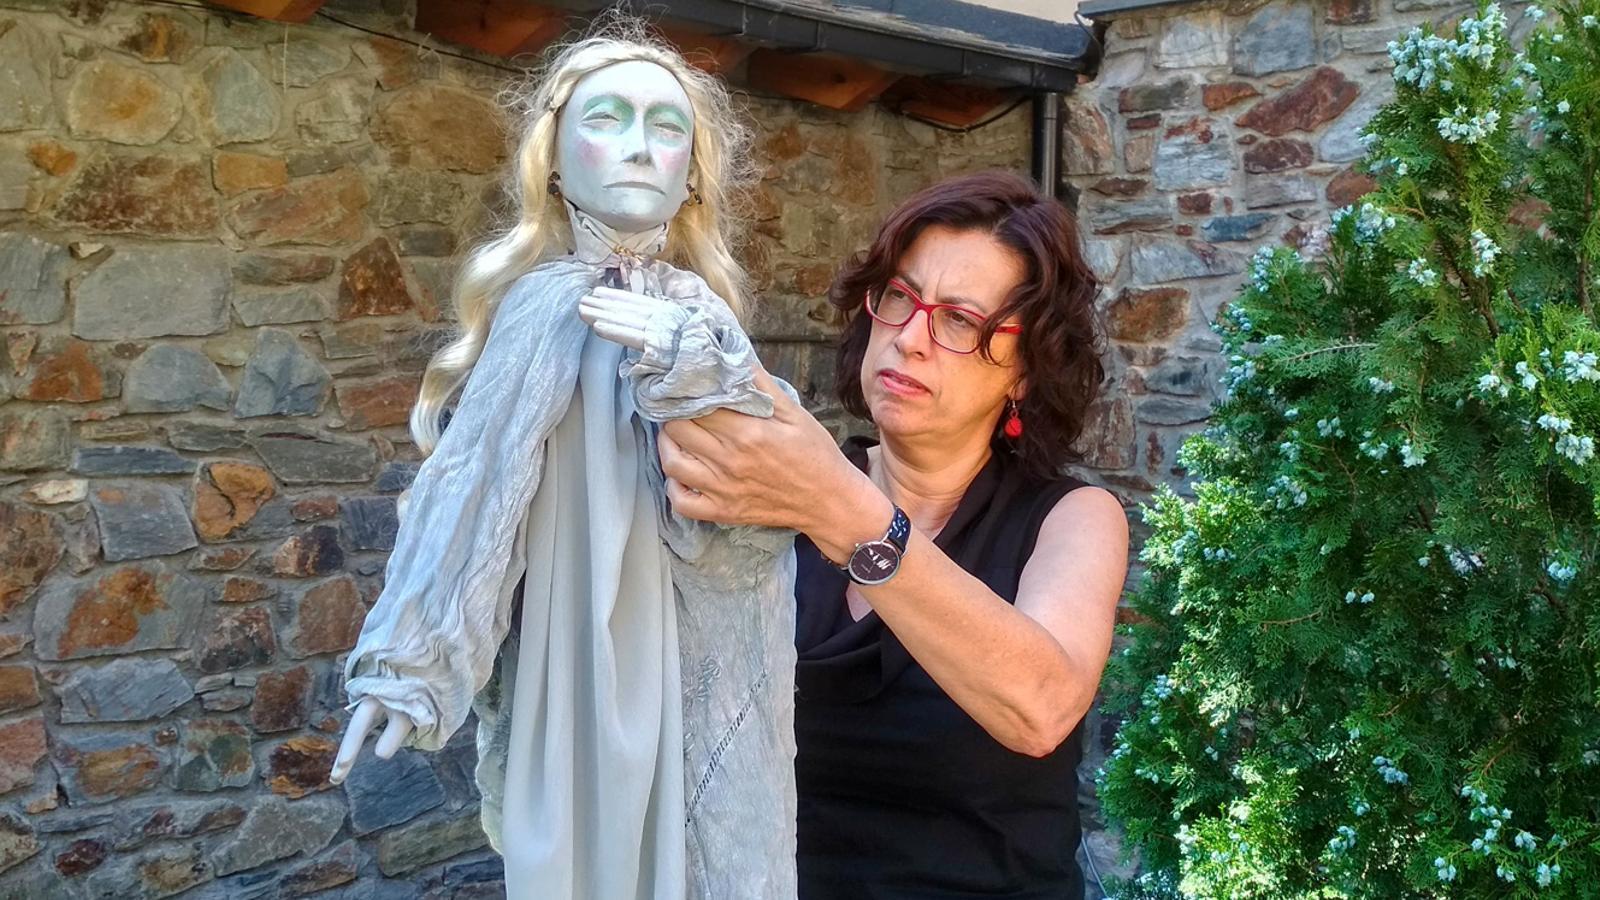 La Dama Blanca és una de les protagonistes de les llegendes que s'explicaran durant l'activitat. / T. N. (ANA)